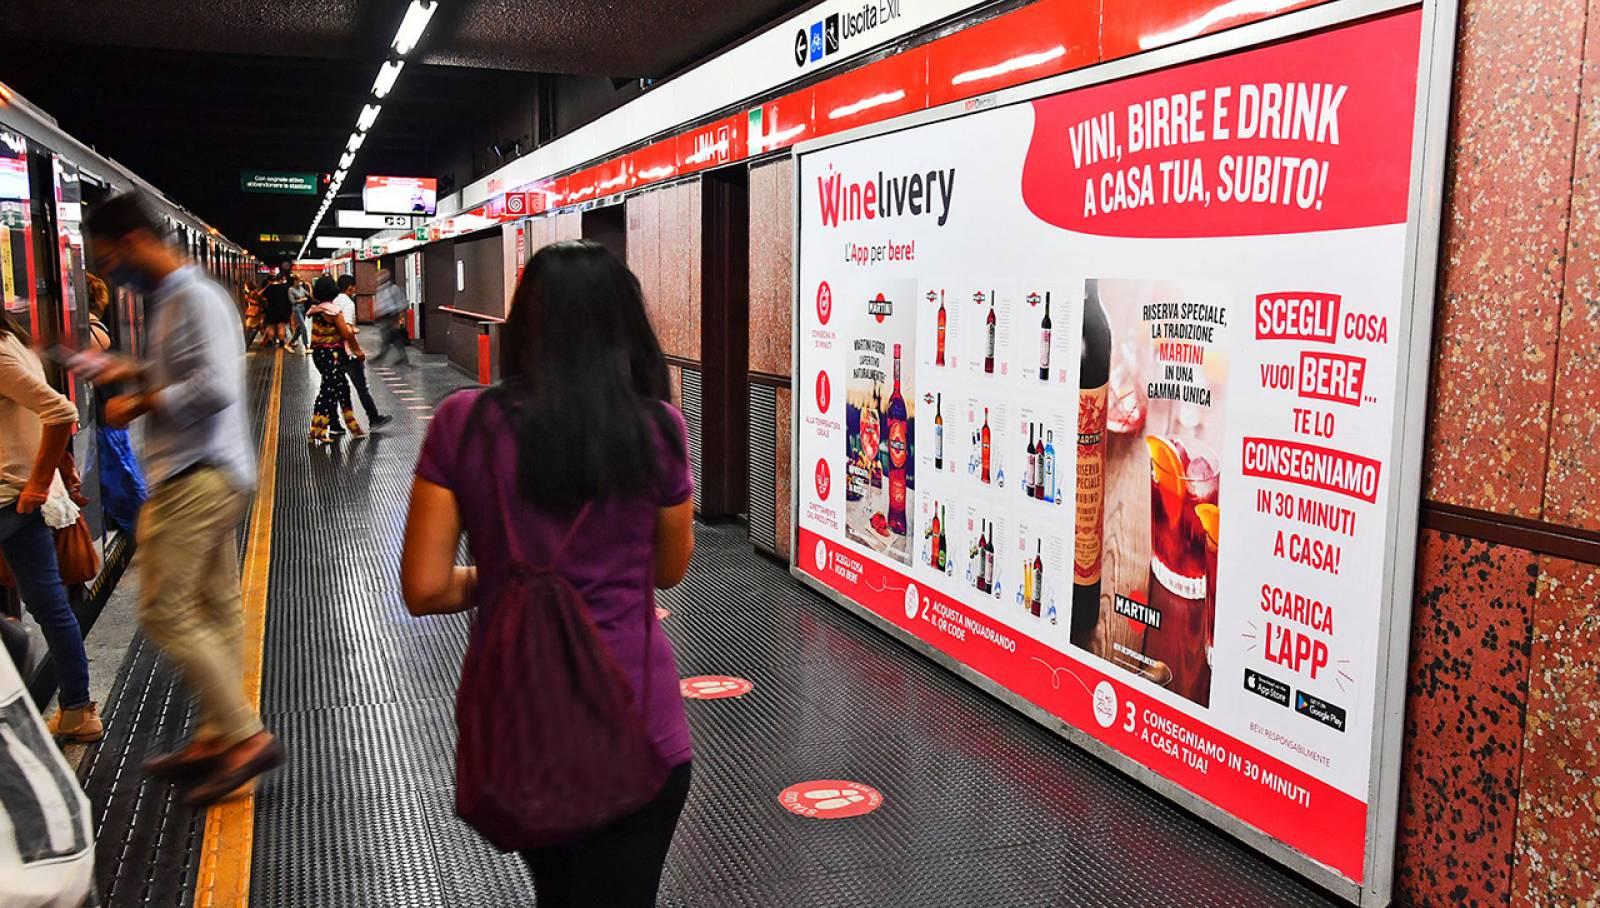 Pubblicità OOH metropolitana IGPDecaux Cirucito Mini per Winelivery